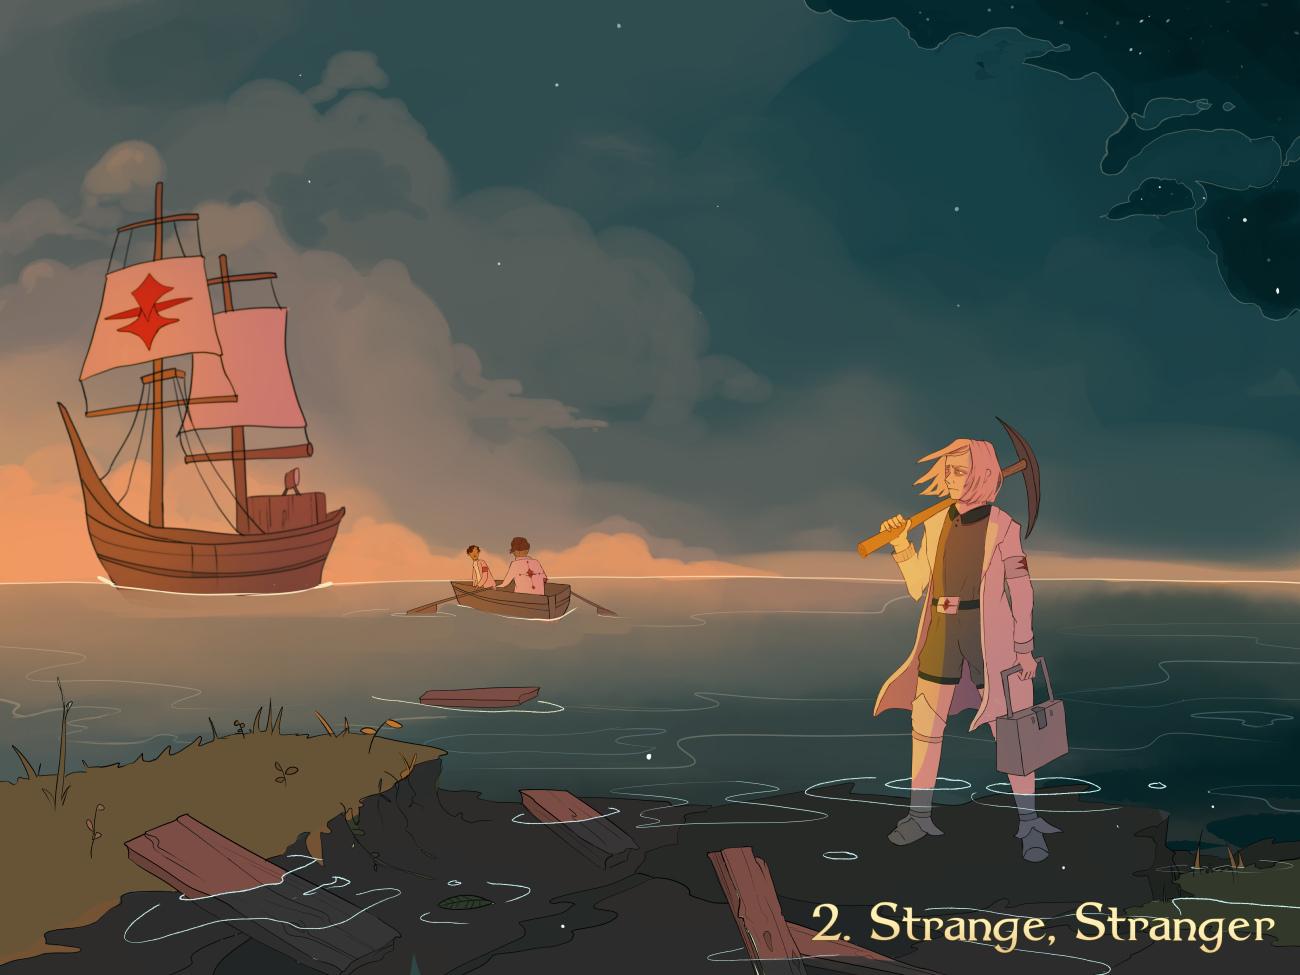 2. Strange; Stranger